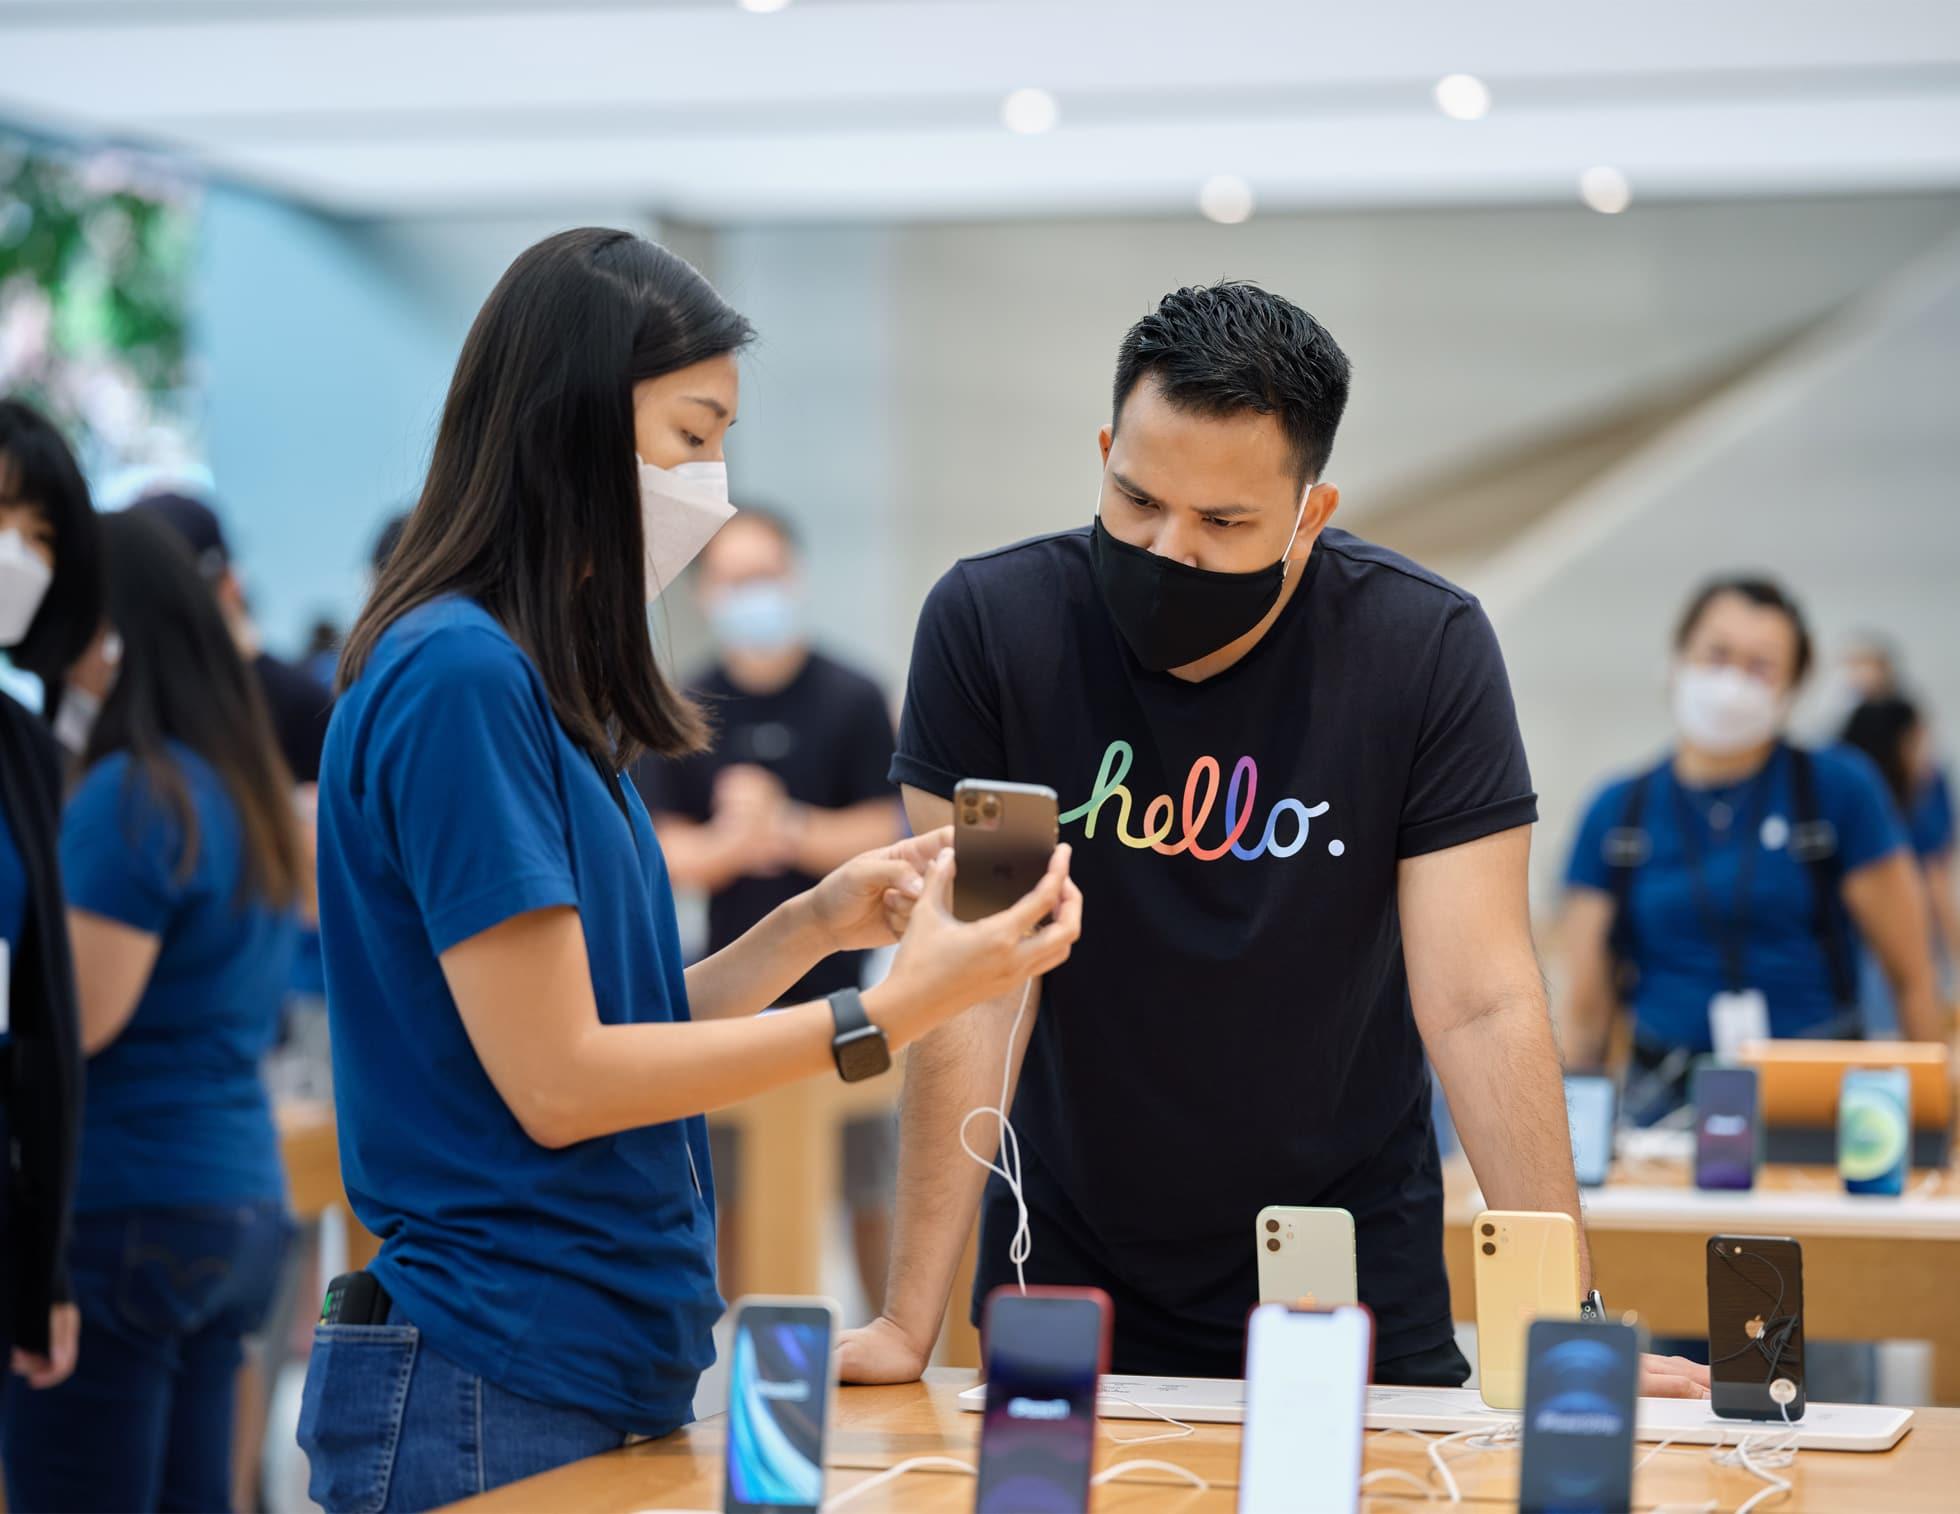 Cliente em Apple Store de Singapura comprando um iPhone 12 Pro